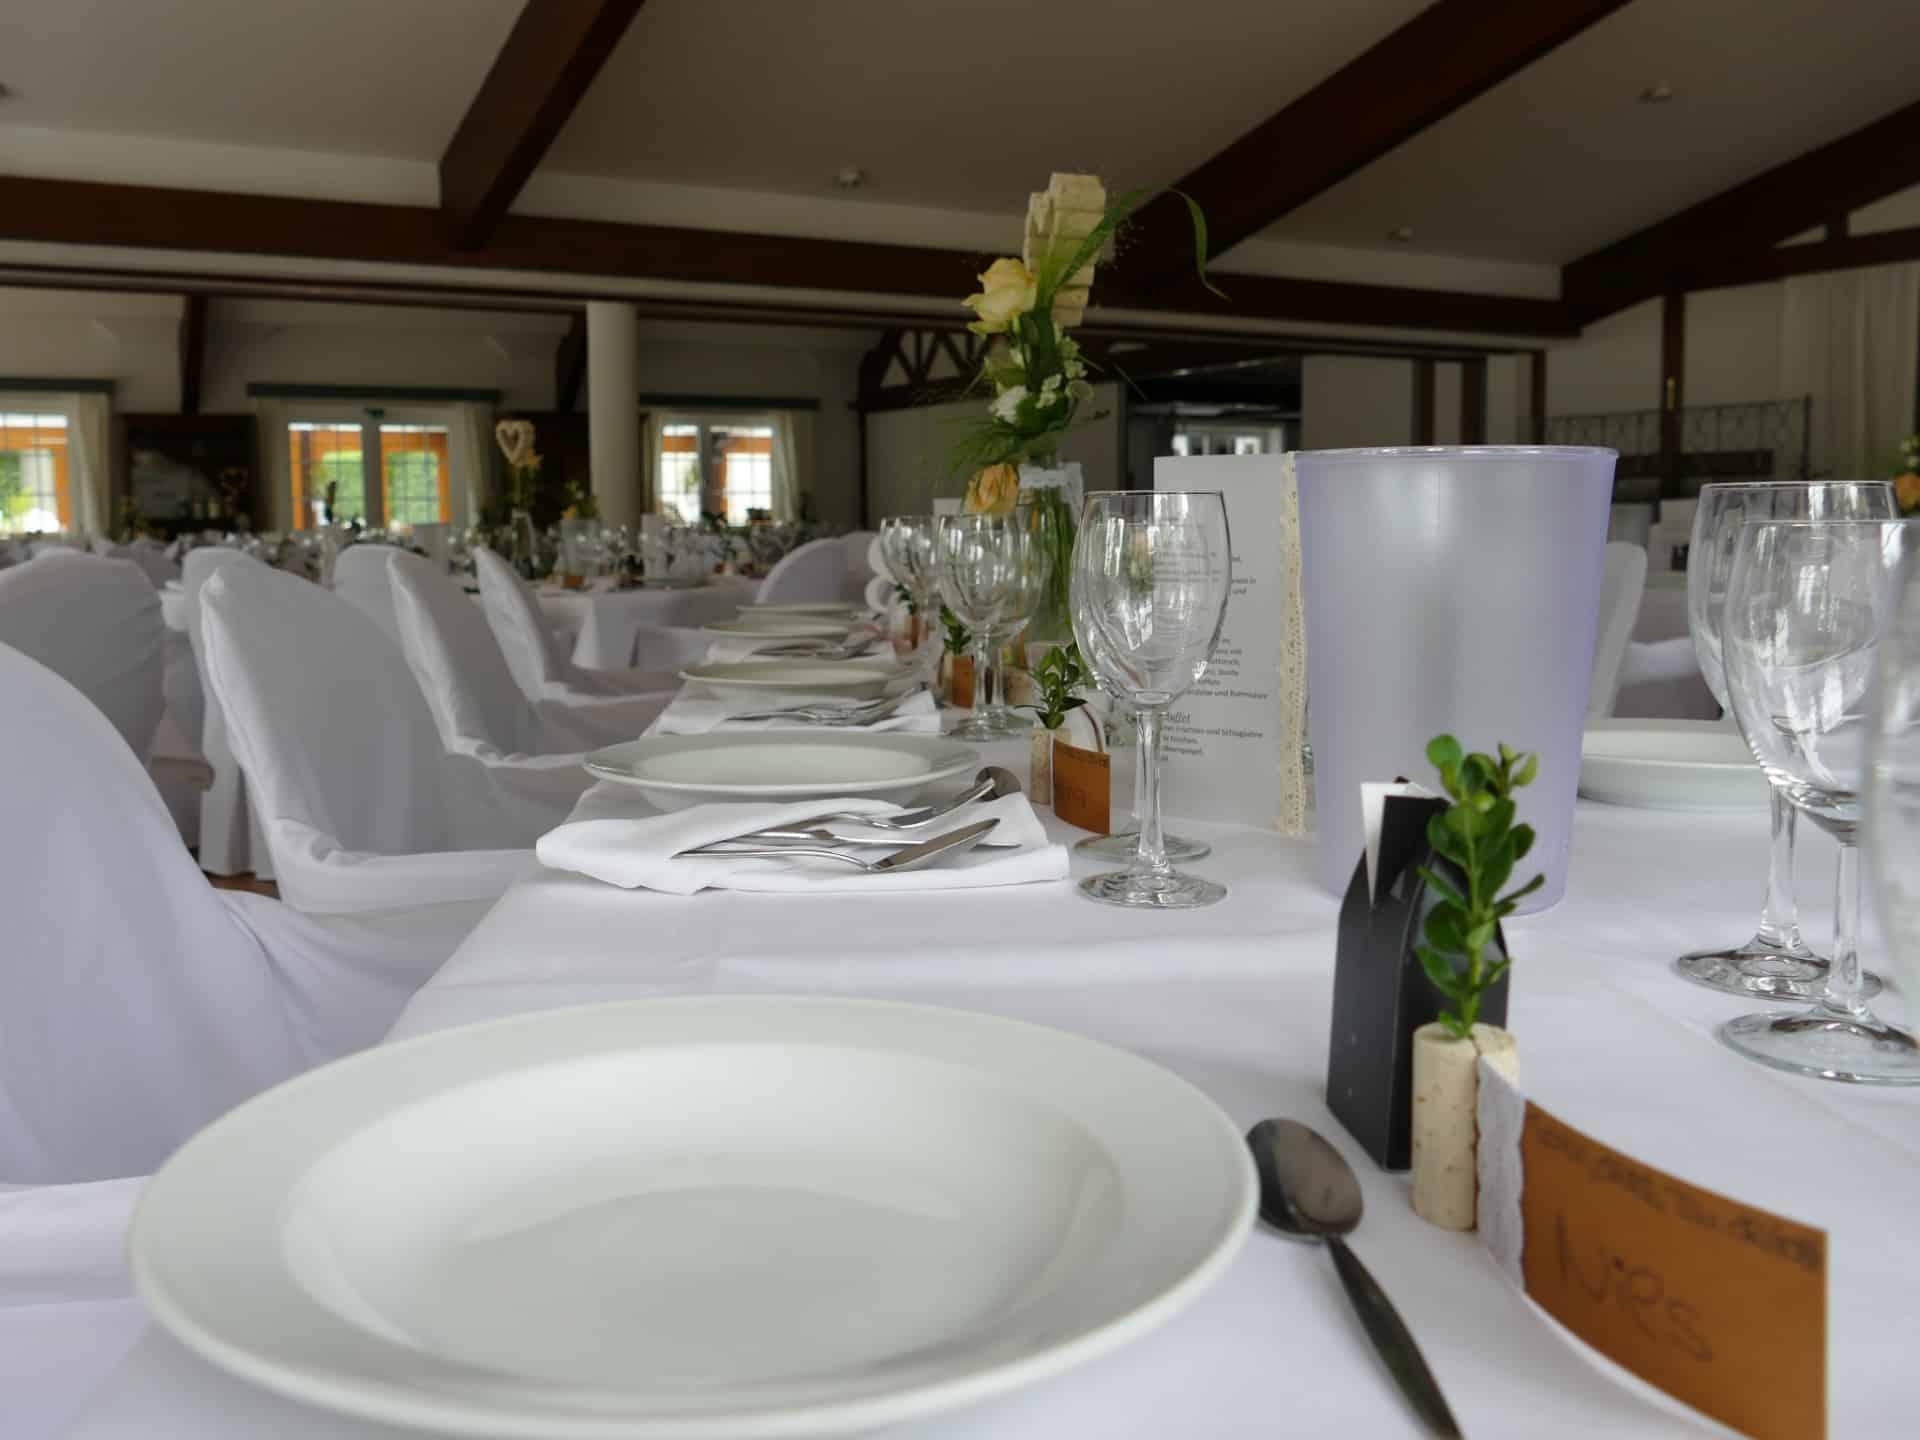 Beispiel festlich gedeckte Hochzeitstafel in weiß, grüne und creme | Hof Barrl Lüneburger Heide